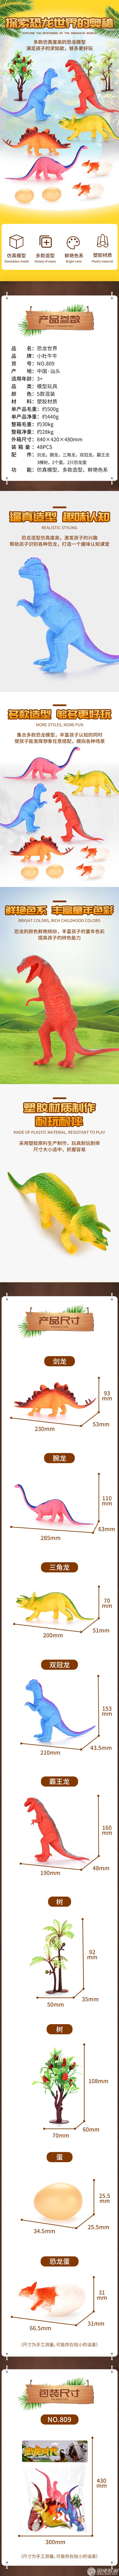 智创乐玩具厂-(809)-恐龙世界-中文版详情页.jpg